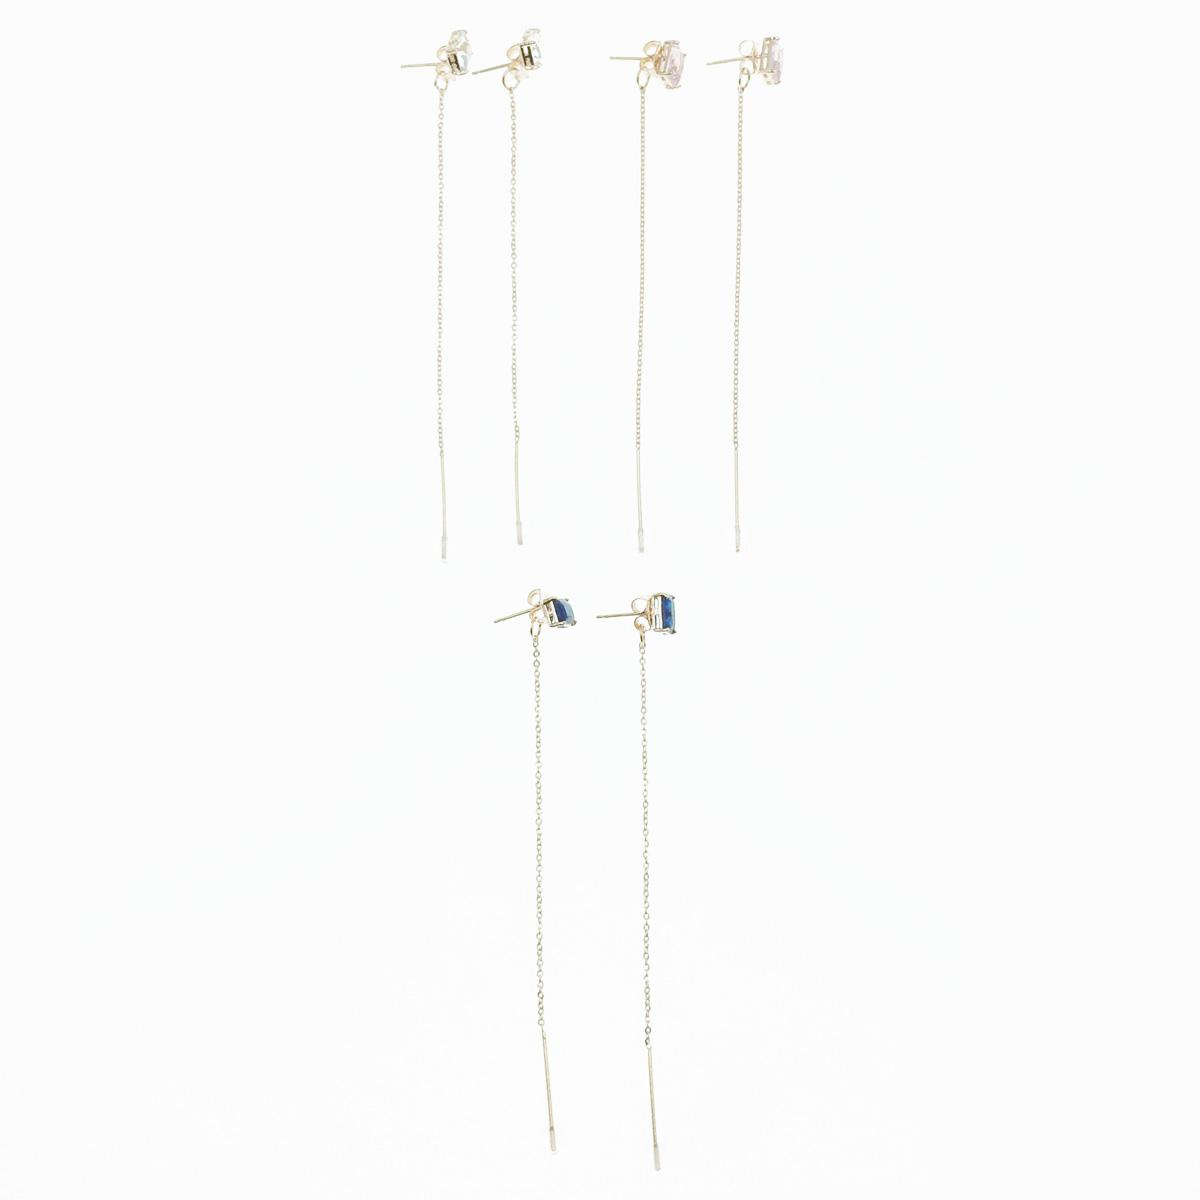 韓國 925純銀 水鑽 方鑽 玫瑰金邊 3色 垂墜感 耳針式耳環